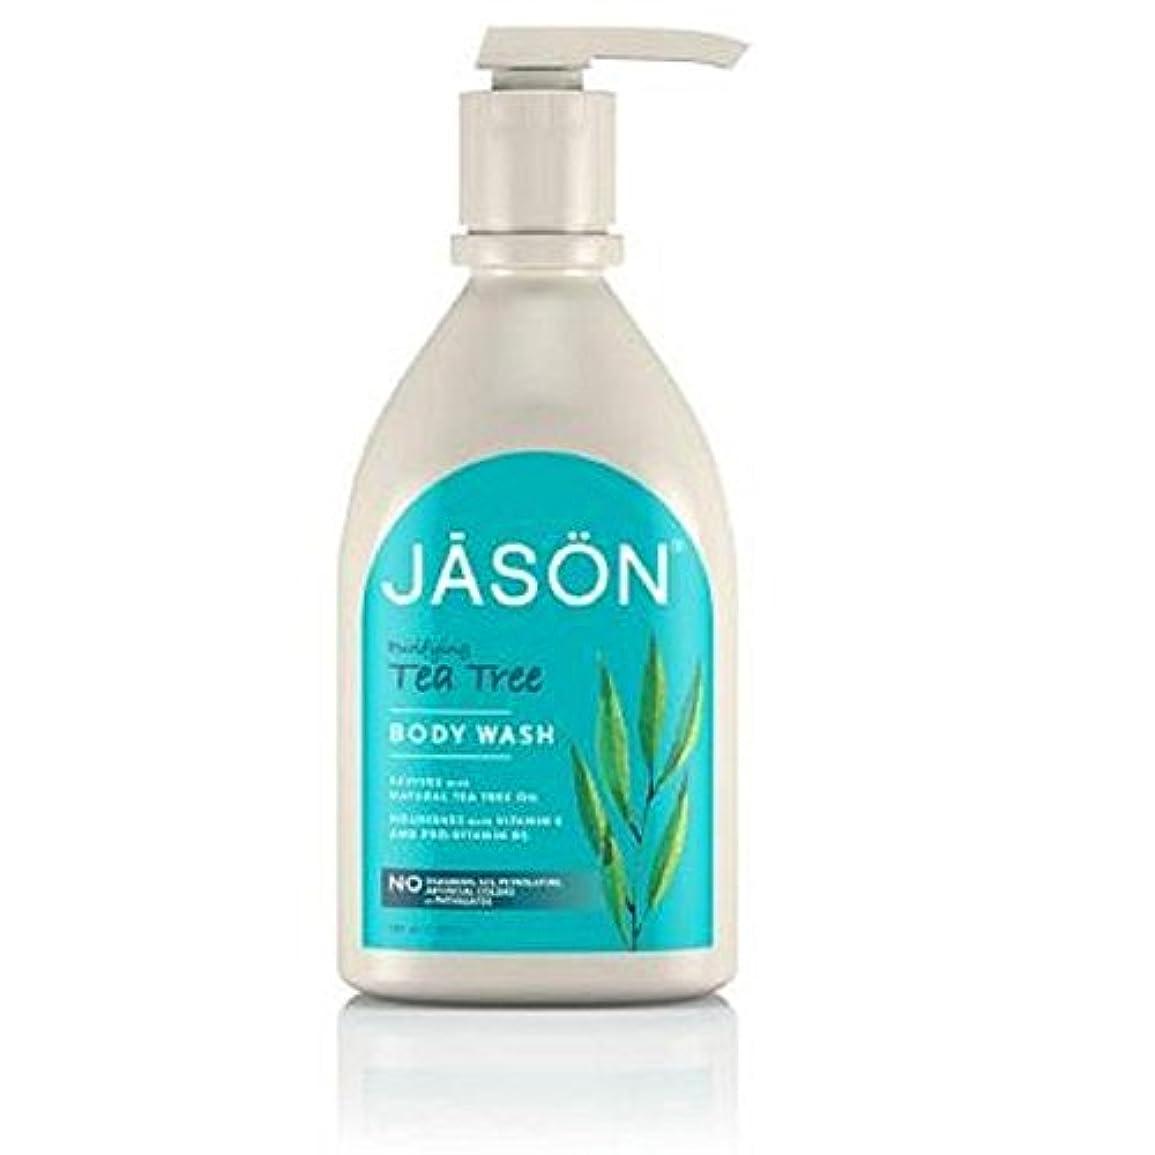 不均一求める子羊Jason Tea Tree Satin Body Wash Pump 900ml - ジェイソン?ティーツリーサテンボディウォッシュポンプ900ミリリットル [並行輸入品]